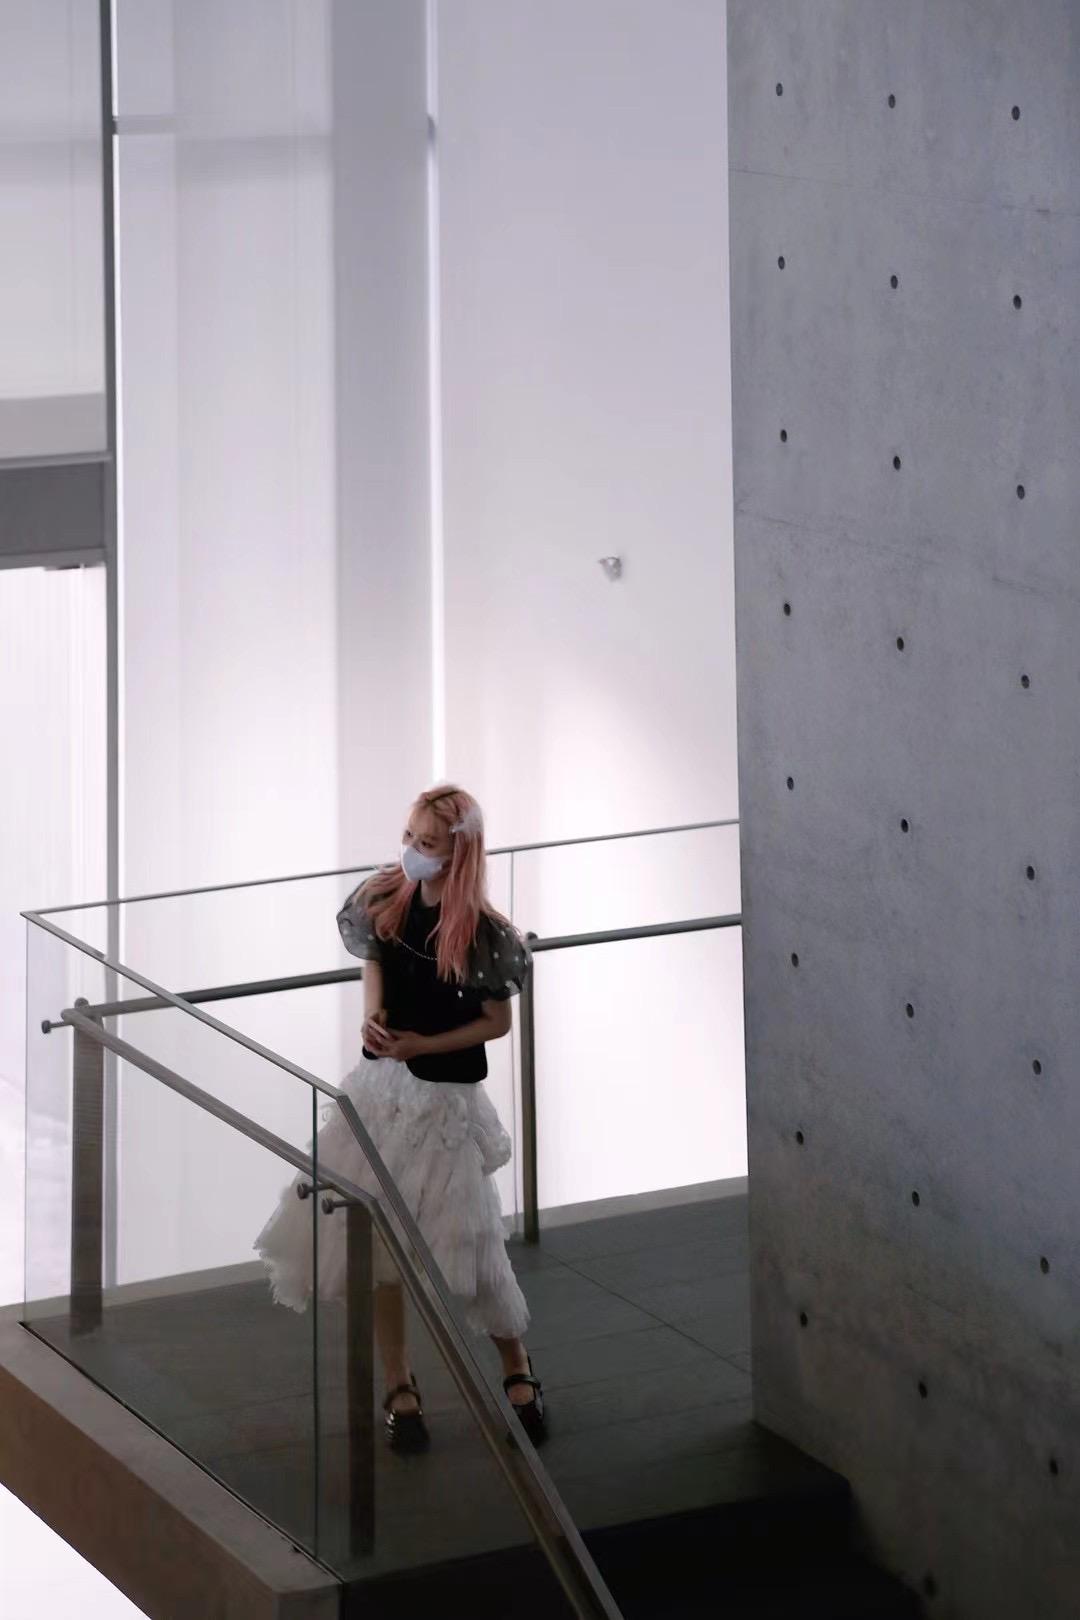 莱佛士学生参观和美术馆.jpg